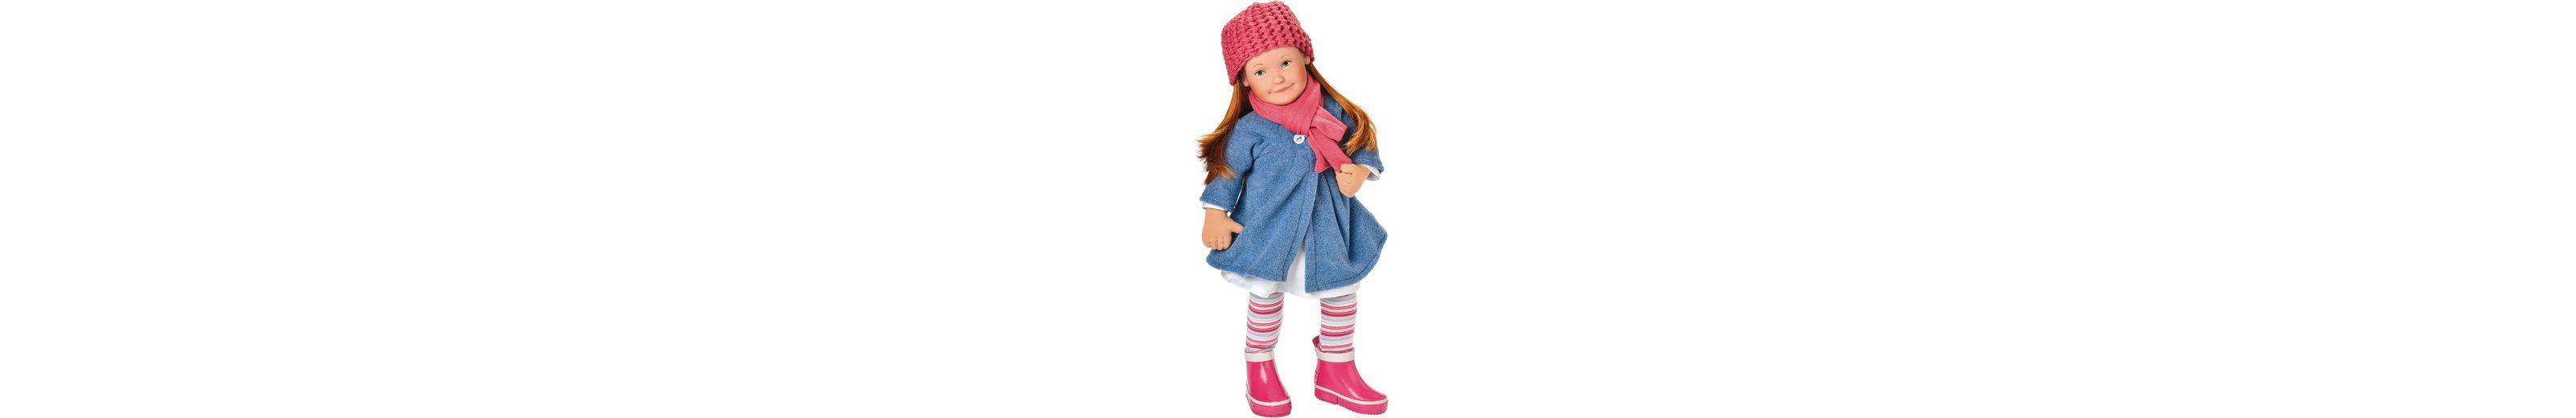 Käthe Kruse Puppe im Winteroutfit, »Lolle Ella«